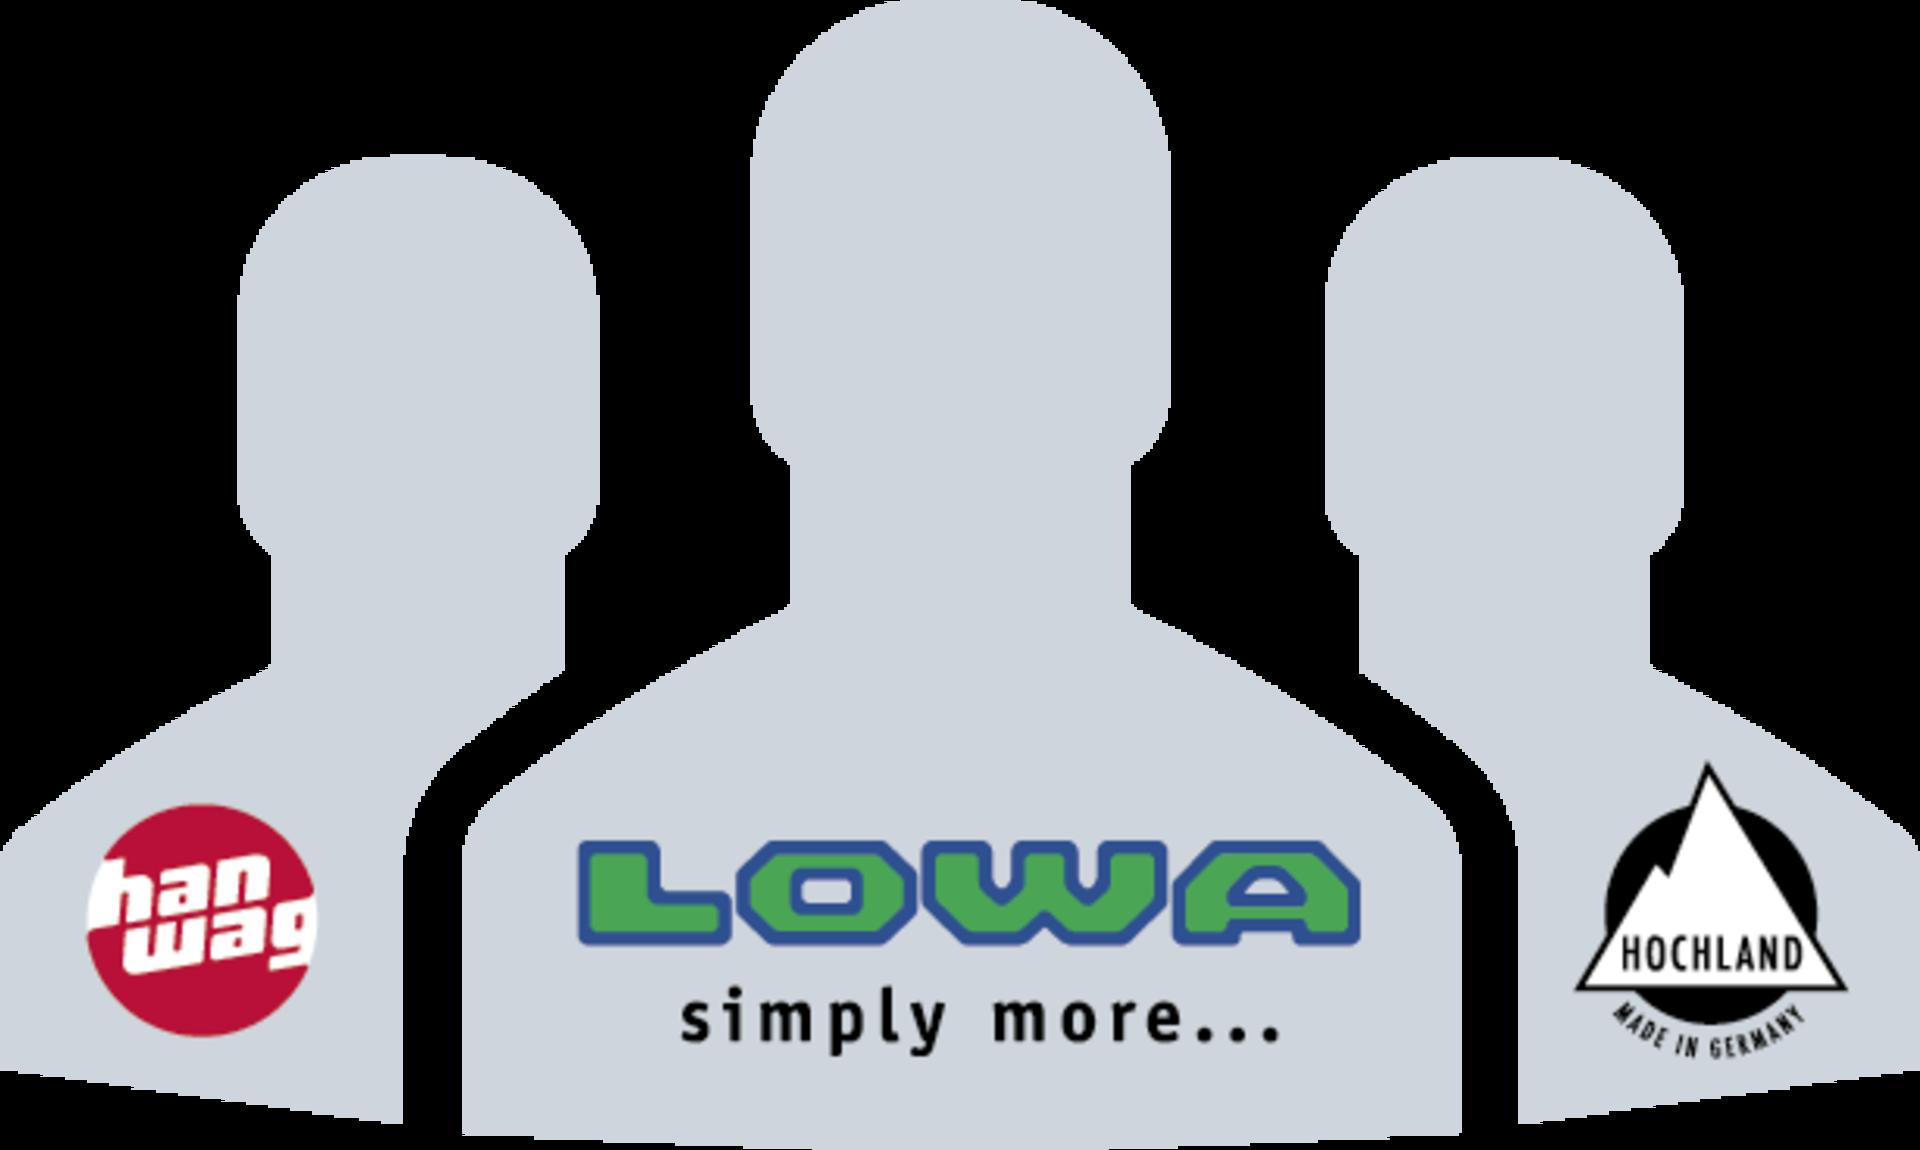 LOWA werd in 1923 in het Beierse Jetzendorf opgericht door LOrenz WAgner. Leuk feitje: ondernemersgeest werd bij de familie Wagner met hoofdletters geschreven. Alle drie de broers richtten bedrijven op: Hans Wagner richtte het bedrijf hanwag op en Adolf Wagner begon het bedrijf Hochland.